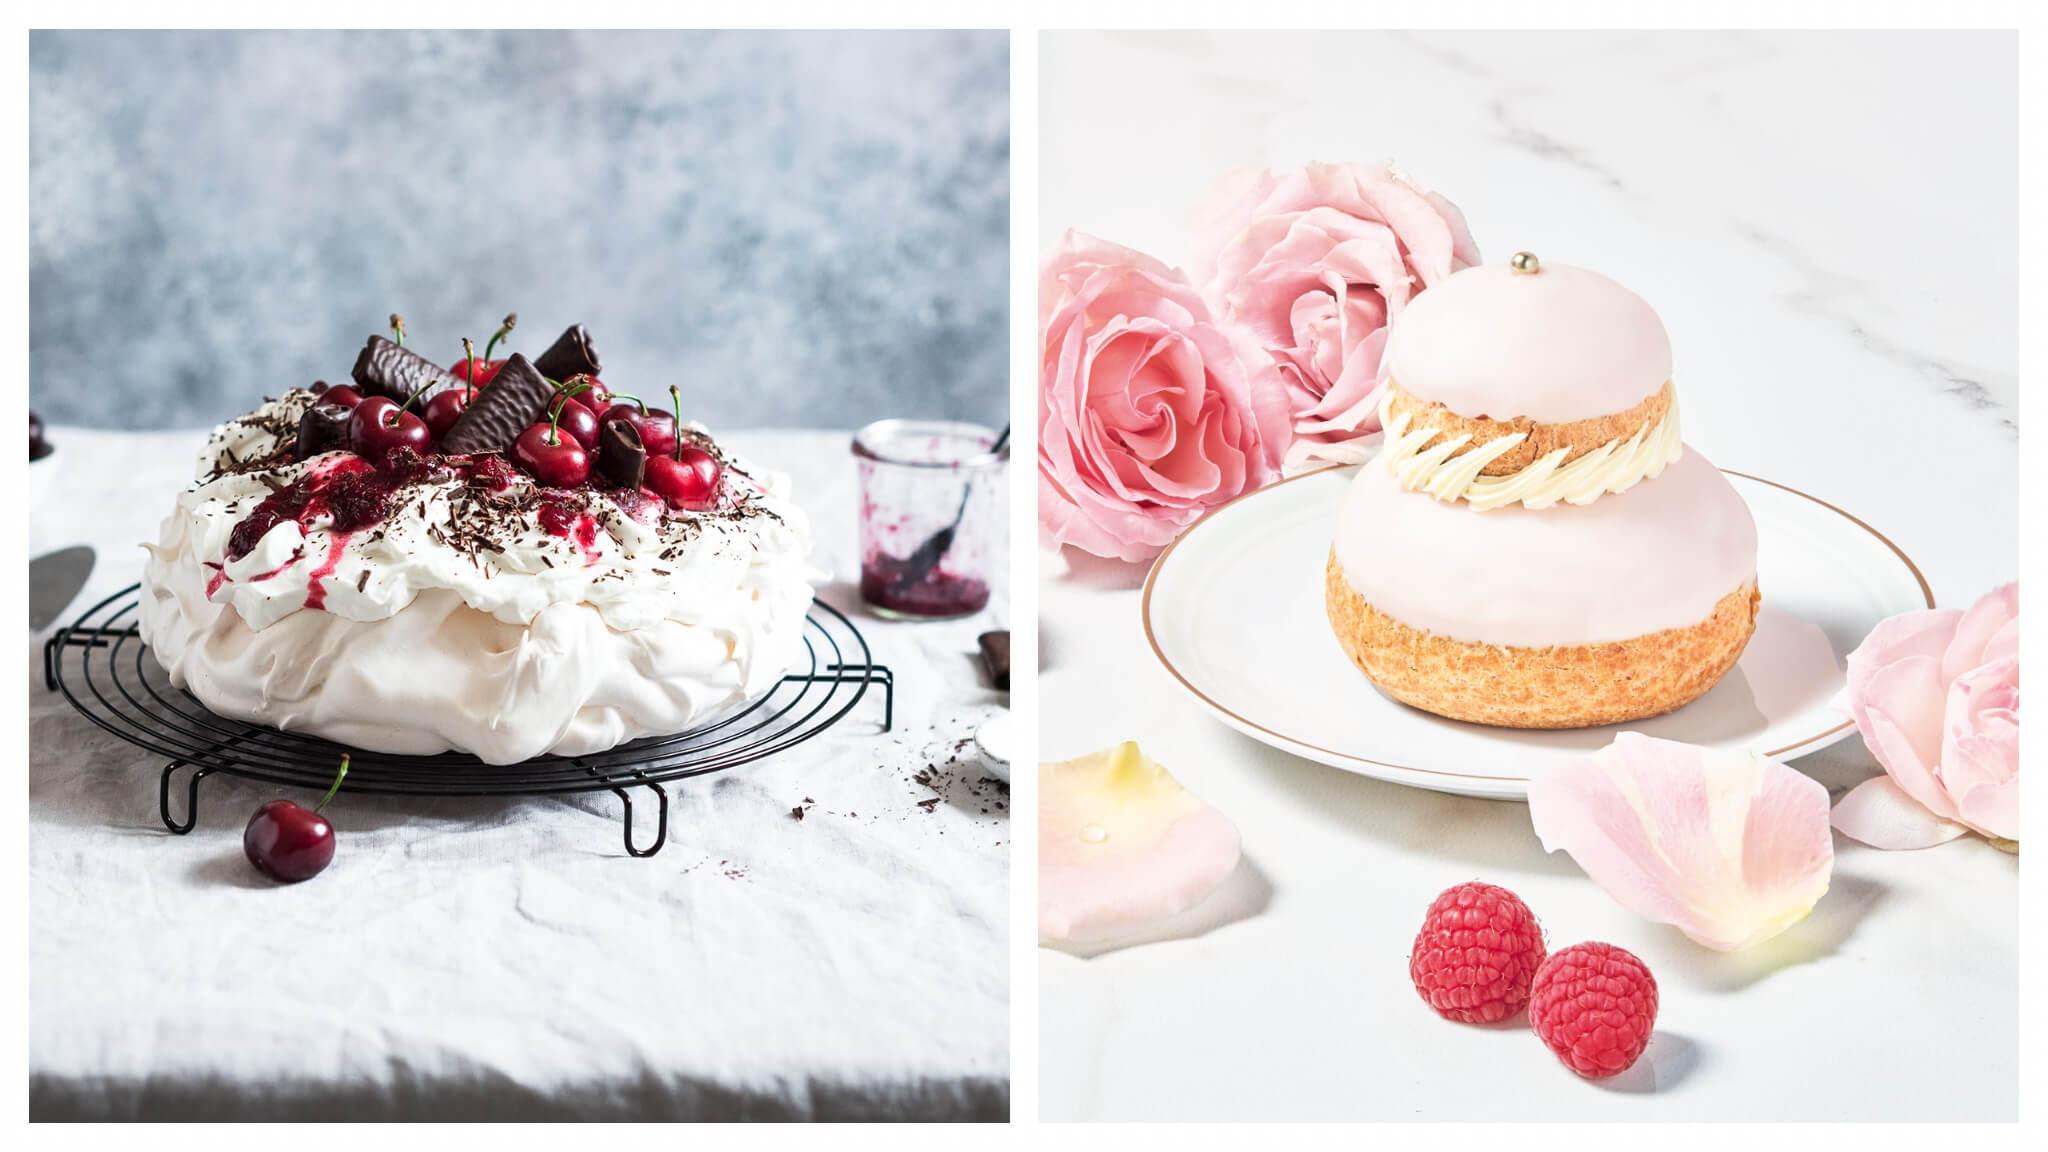 Left: Biscuits Gavotte's pavlova façon forêt noire aux Crêpes Dentelle chocolat noir Right: Ladurée's raspberry rose religieuse